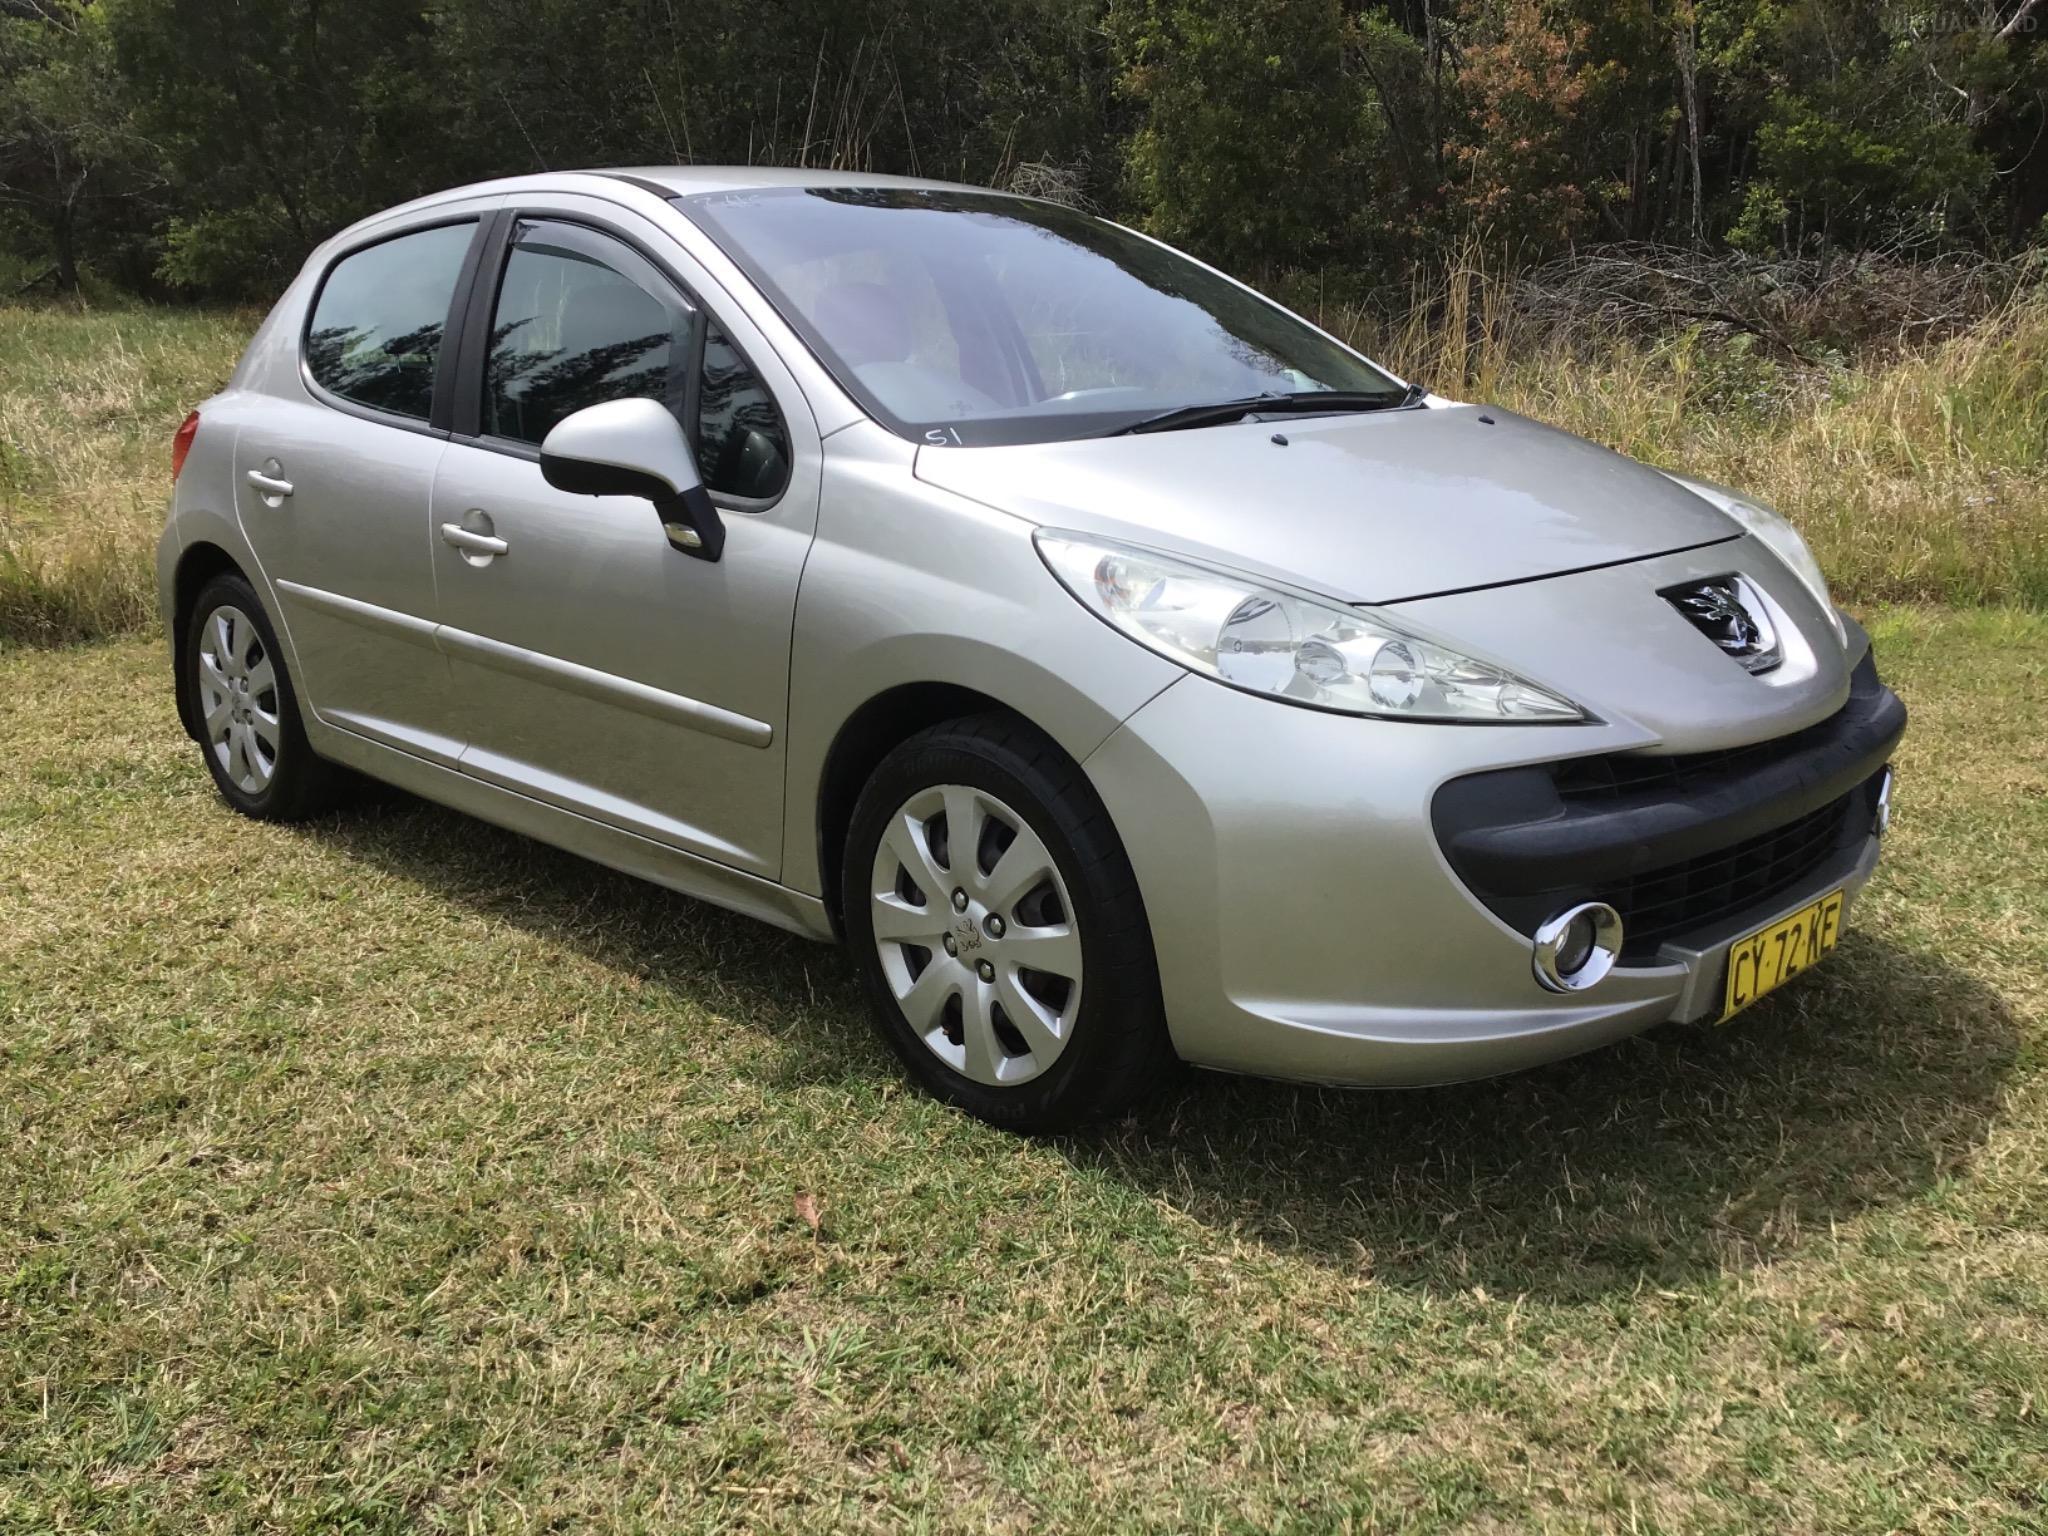 2007 Peugeot 207 A7 XT HDi Hatchback 5dr Man 5sp 1.6DT Picture 8